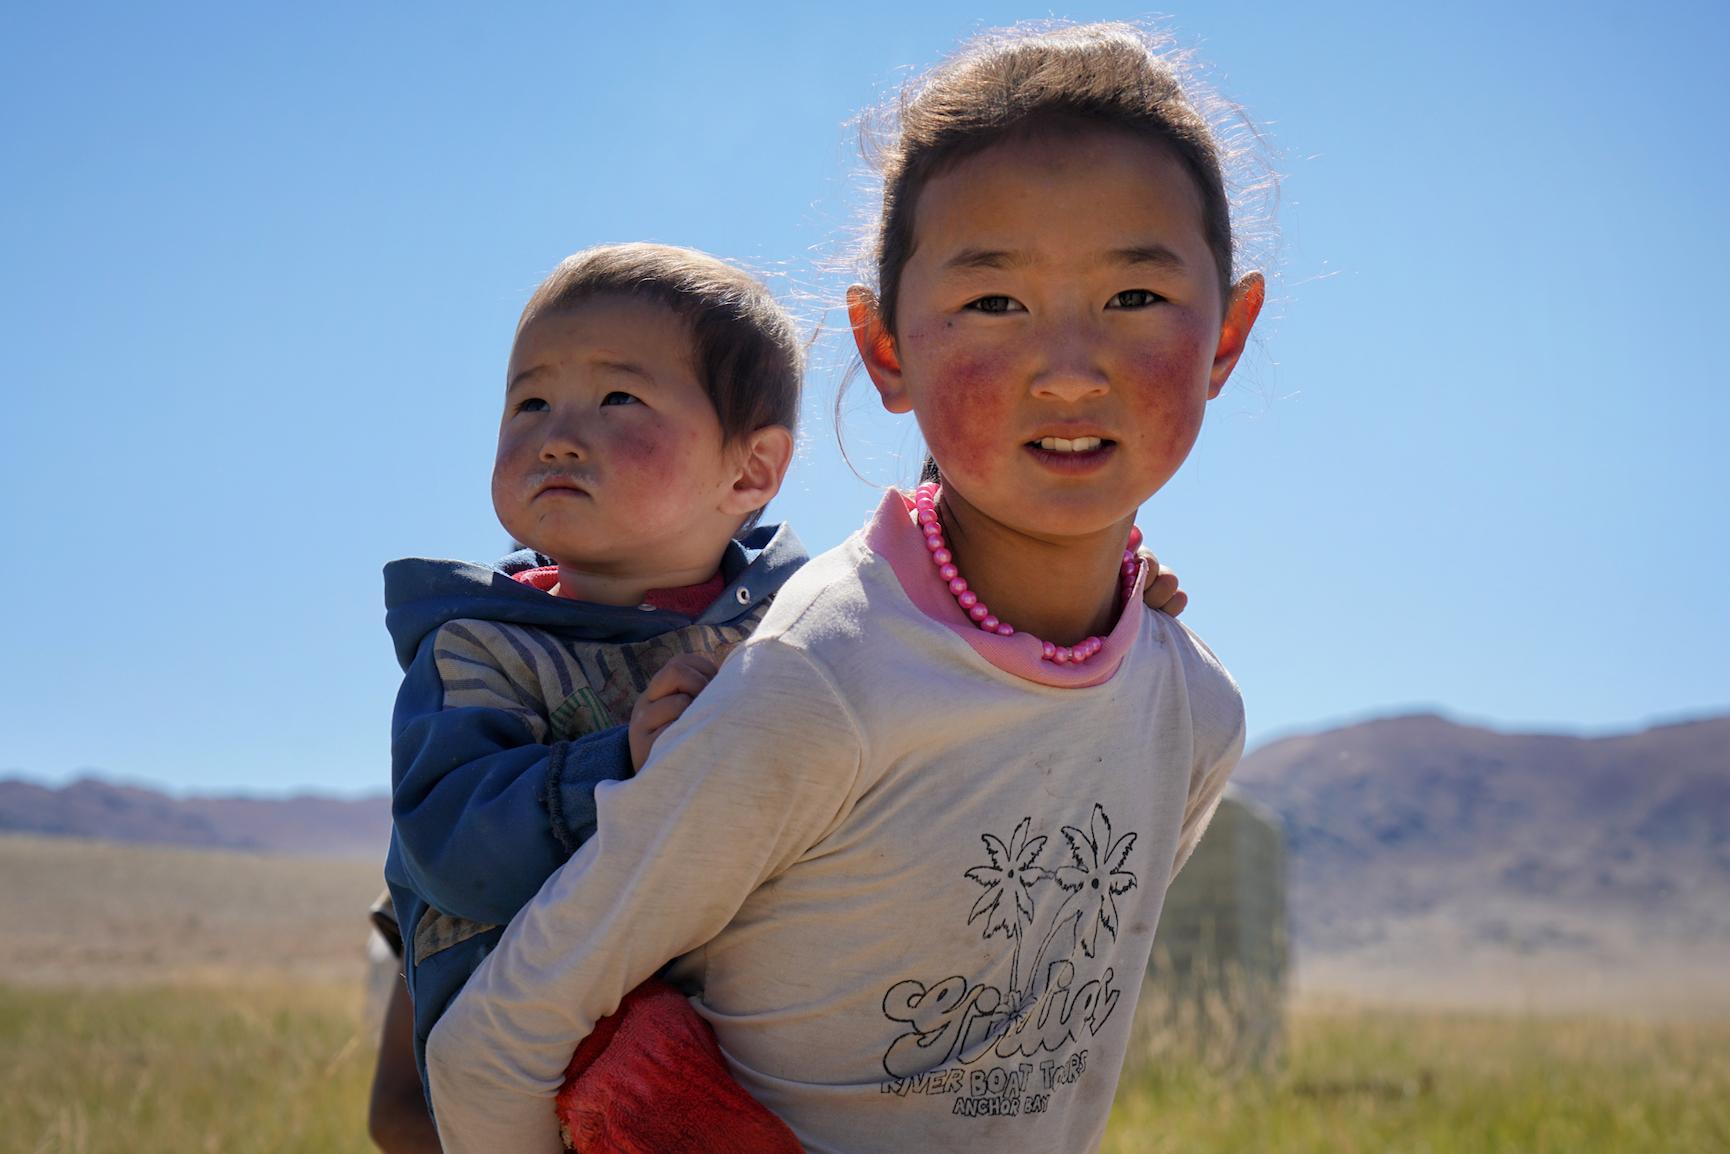 Khasar_S_BigSister_Sagsai_Mongolia_Summer_2016 2.png